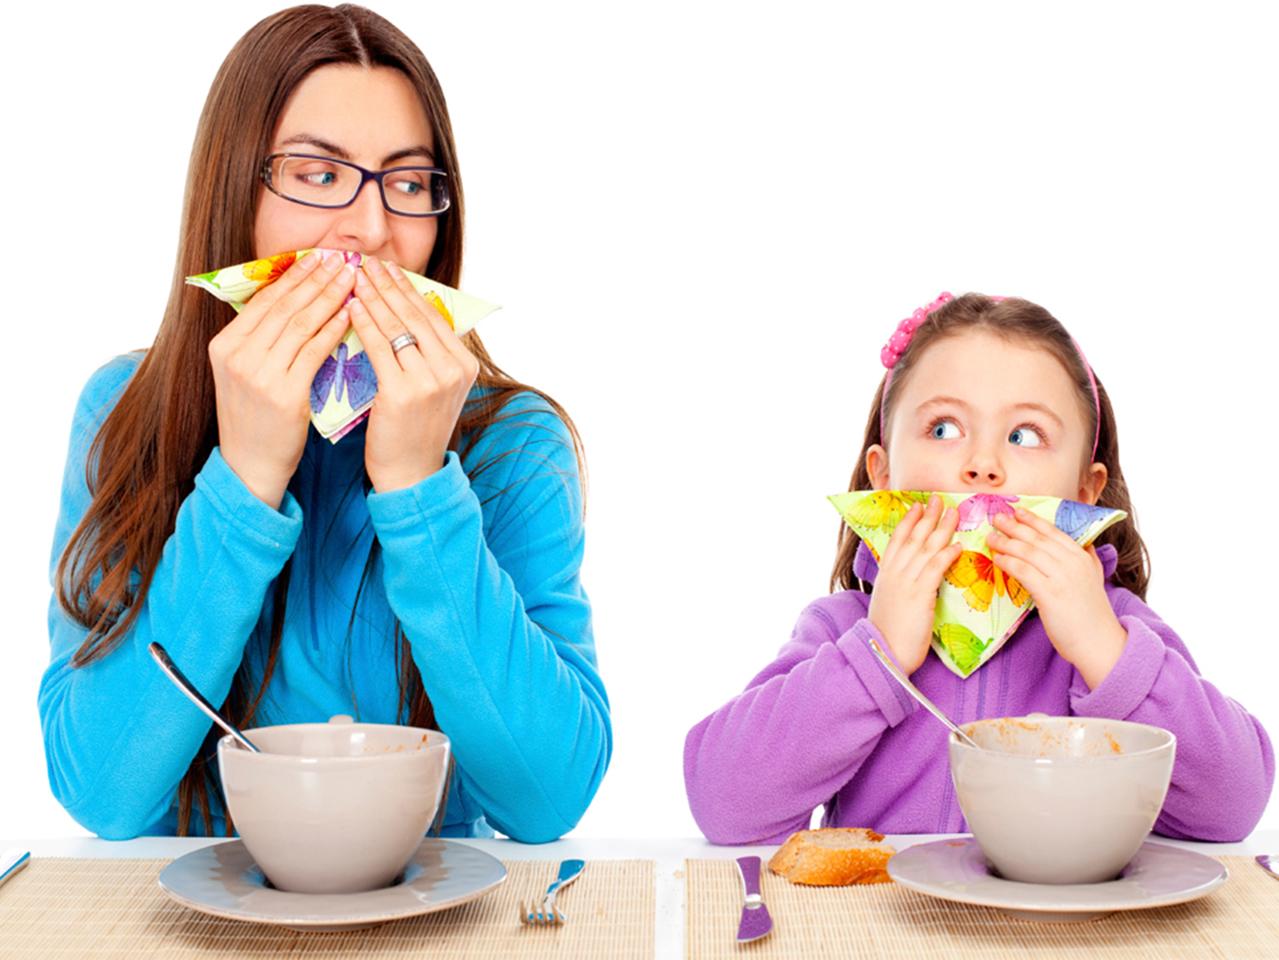 Mae comendo merda da filha